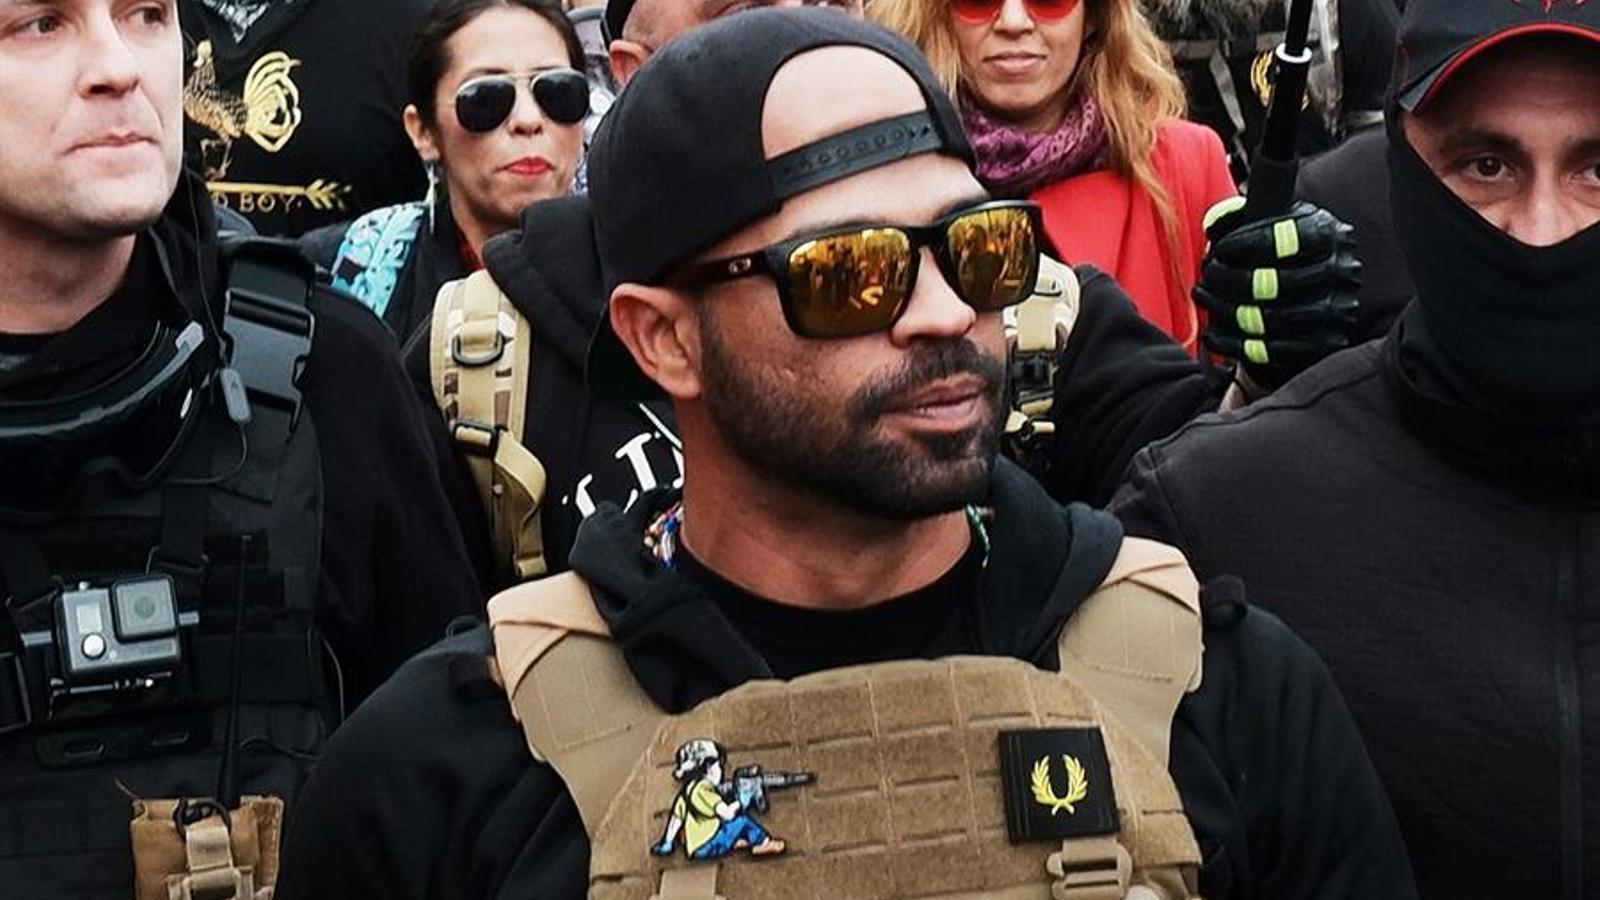 Enrique Tarrio, líder dels Proud Boys, a la manifestació del 12 de desembre a Washington